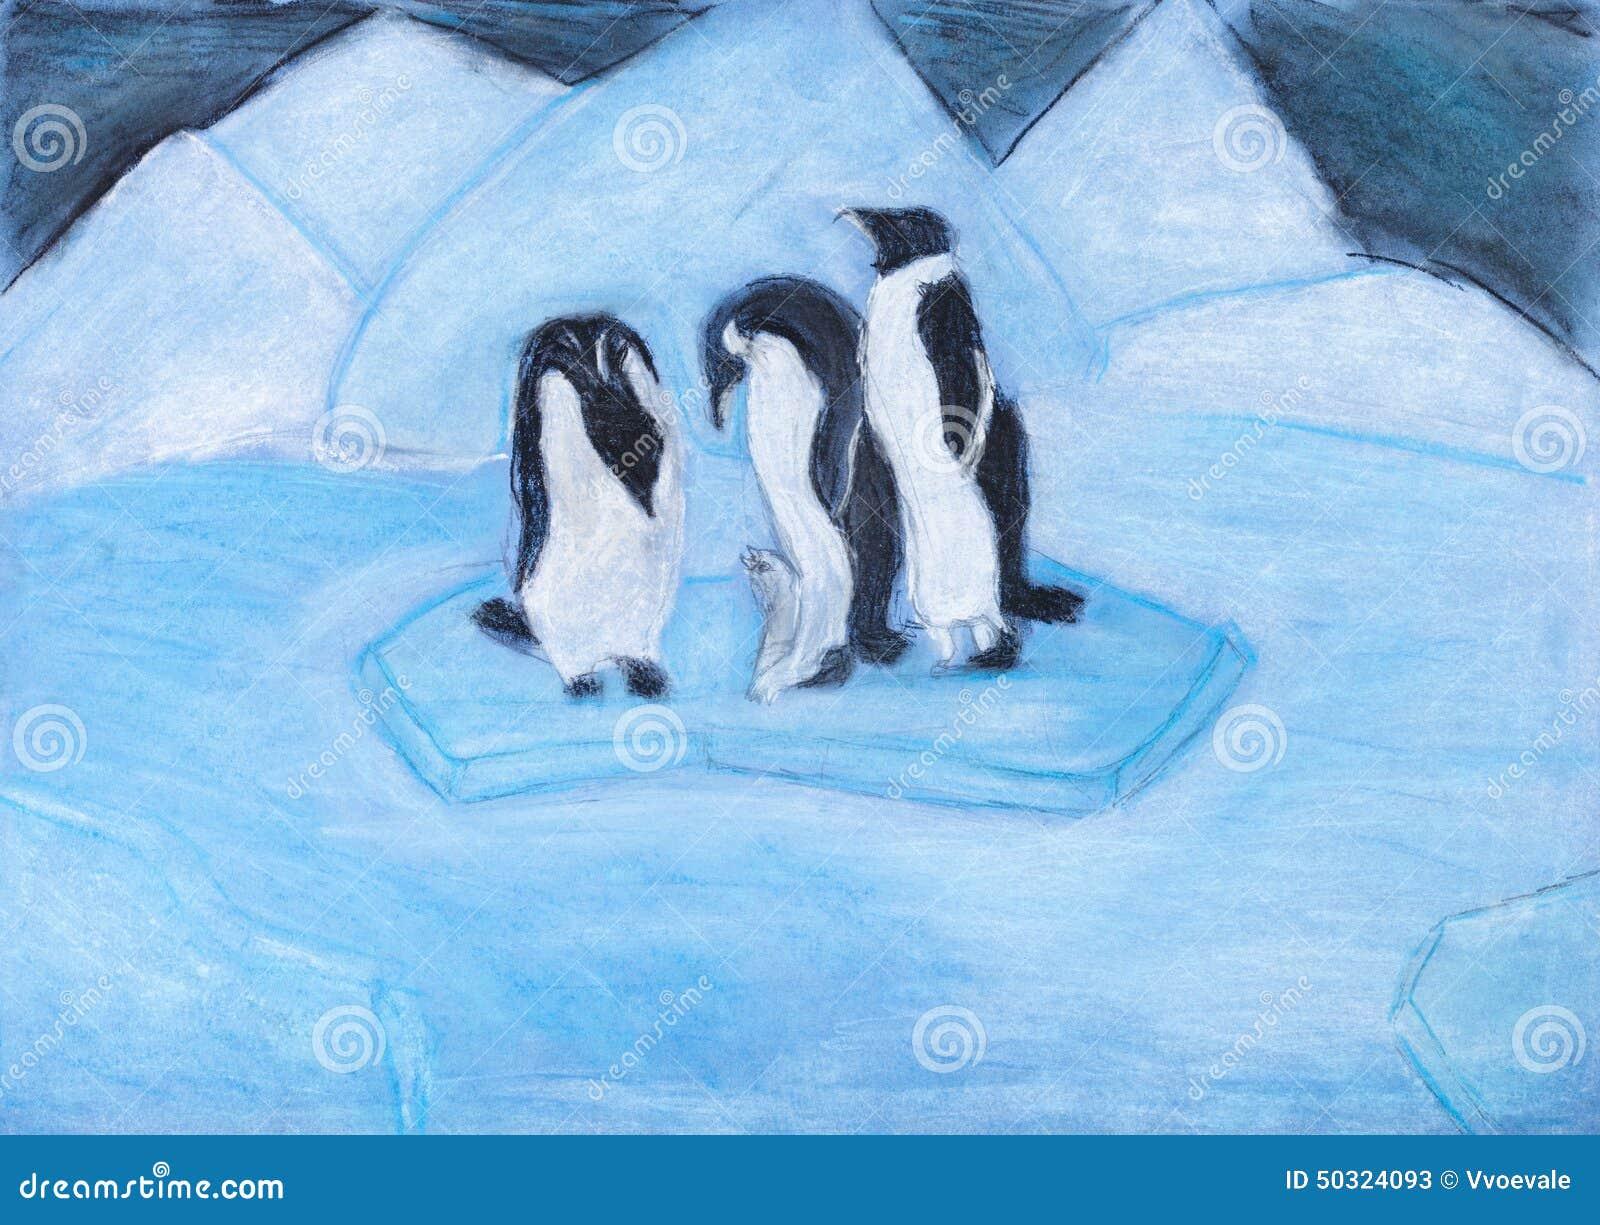 pingouins sur la banquise dans la nuit bleue froide illustration stock image 50324093. Black Bedroom Furniture Sets. Home Design Ideas